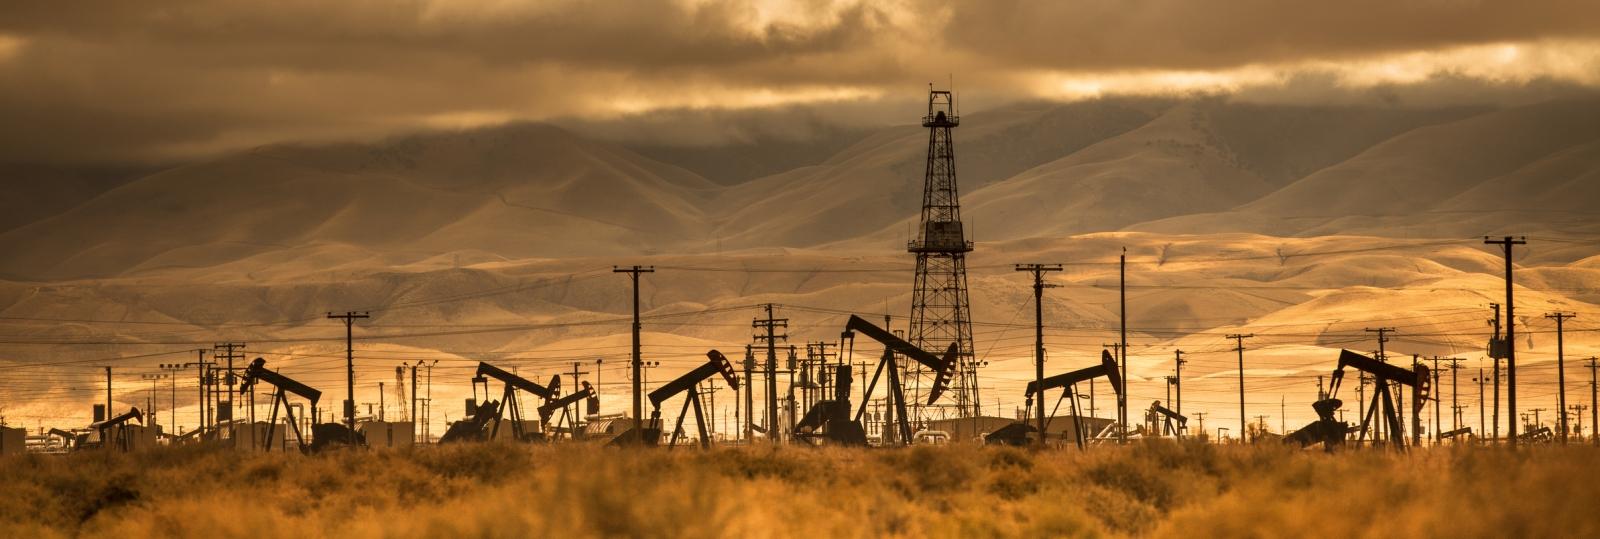 ผลการค้นหารูปภาพสำหรับ oil wells